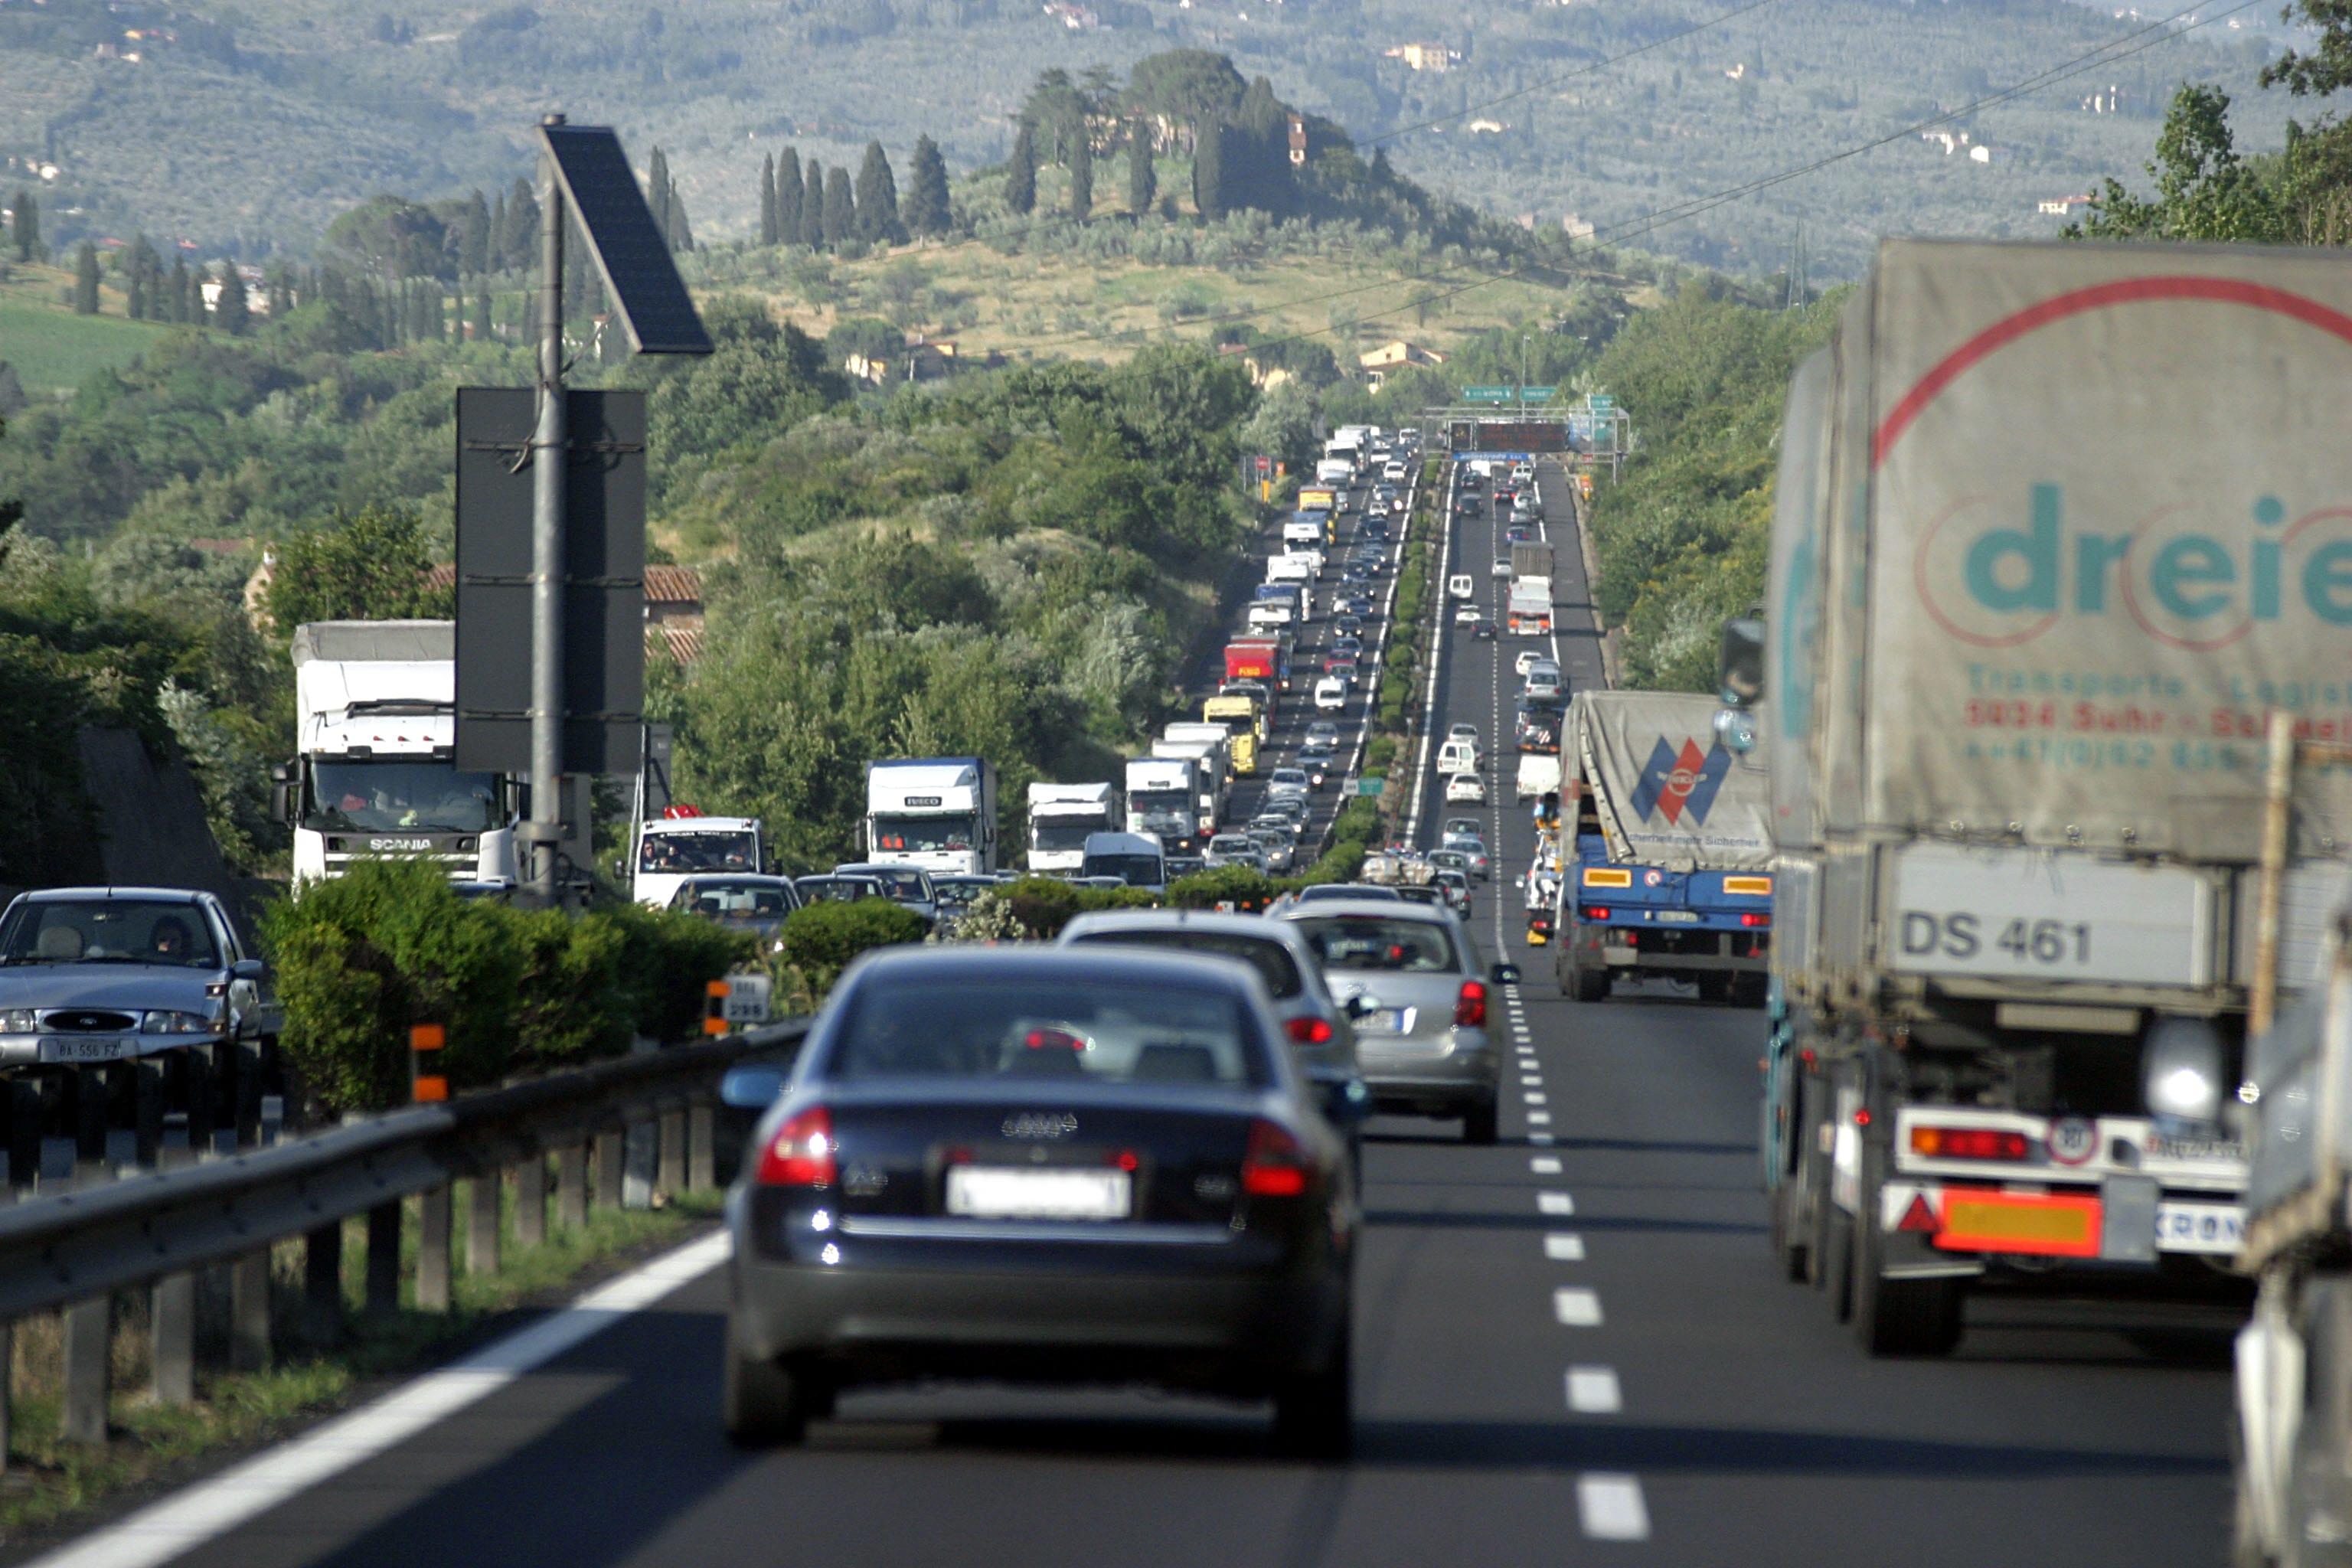 Storia Autostrada del Sole: la costruzione e i vantaggi per la crescita economica del Paese